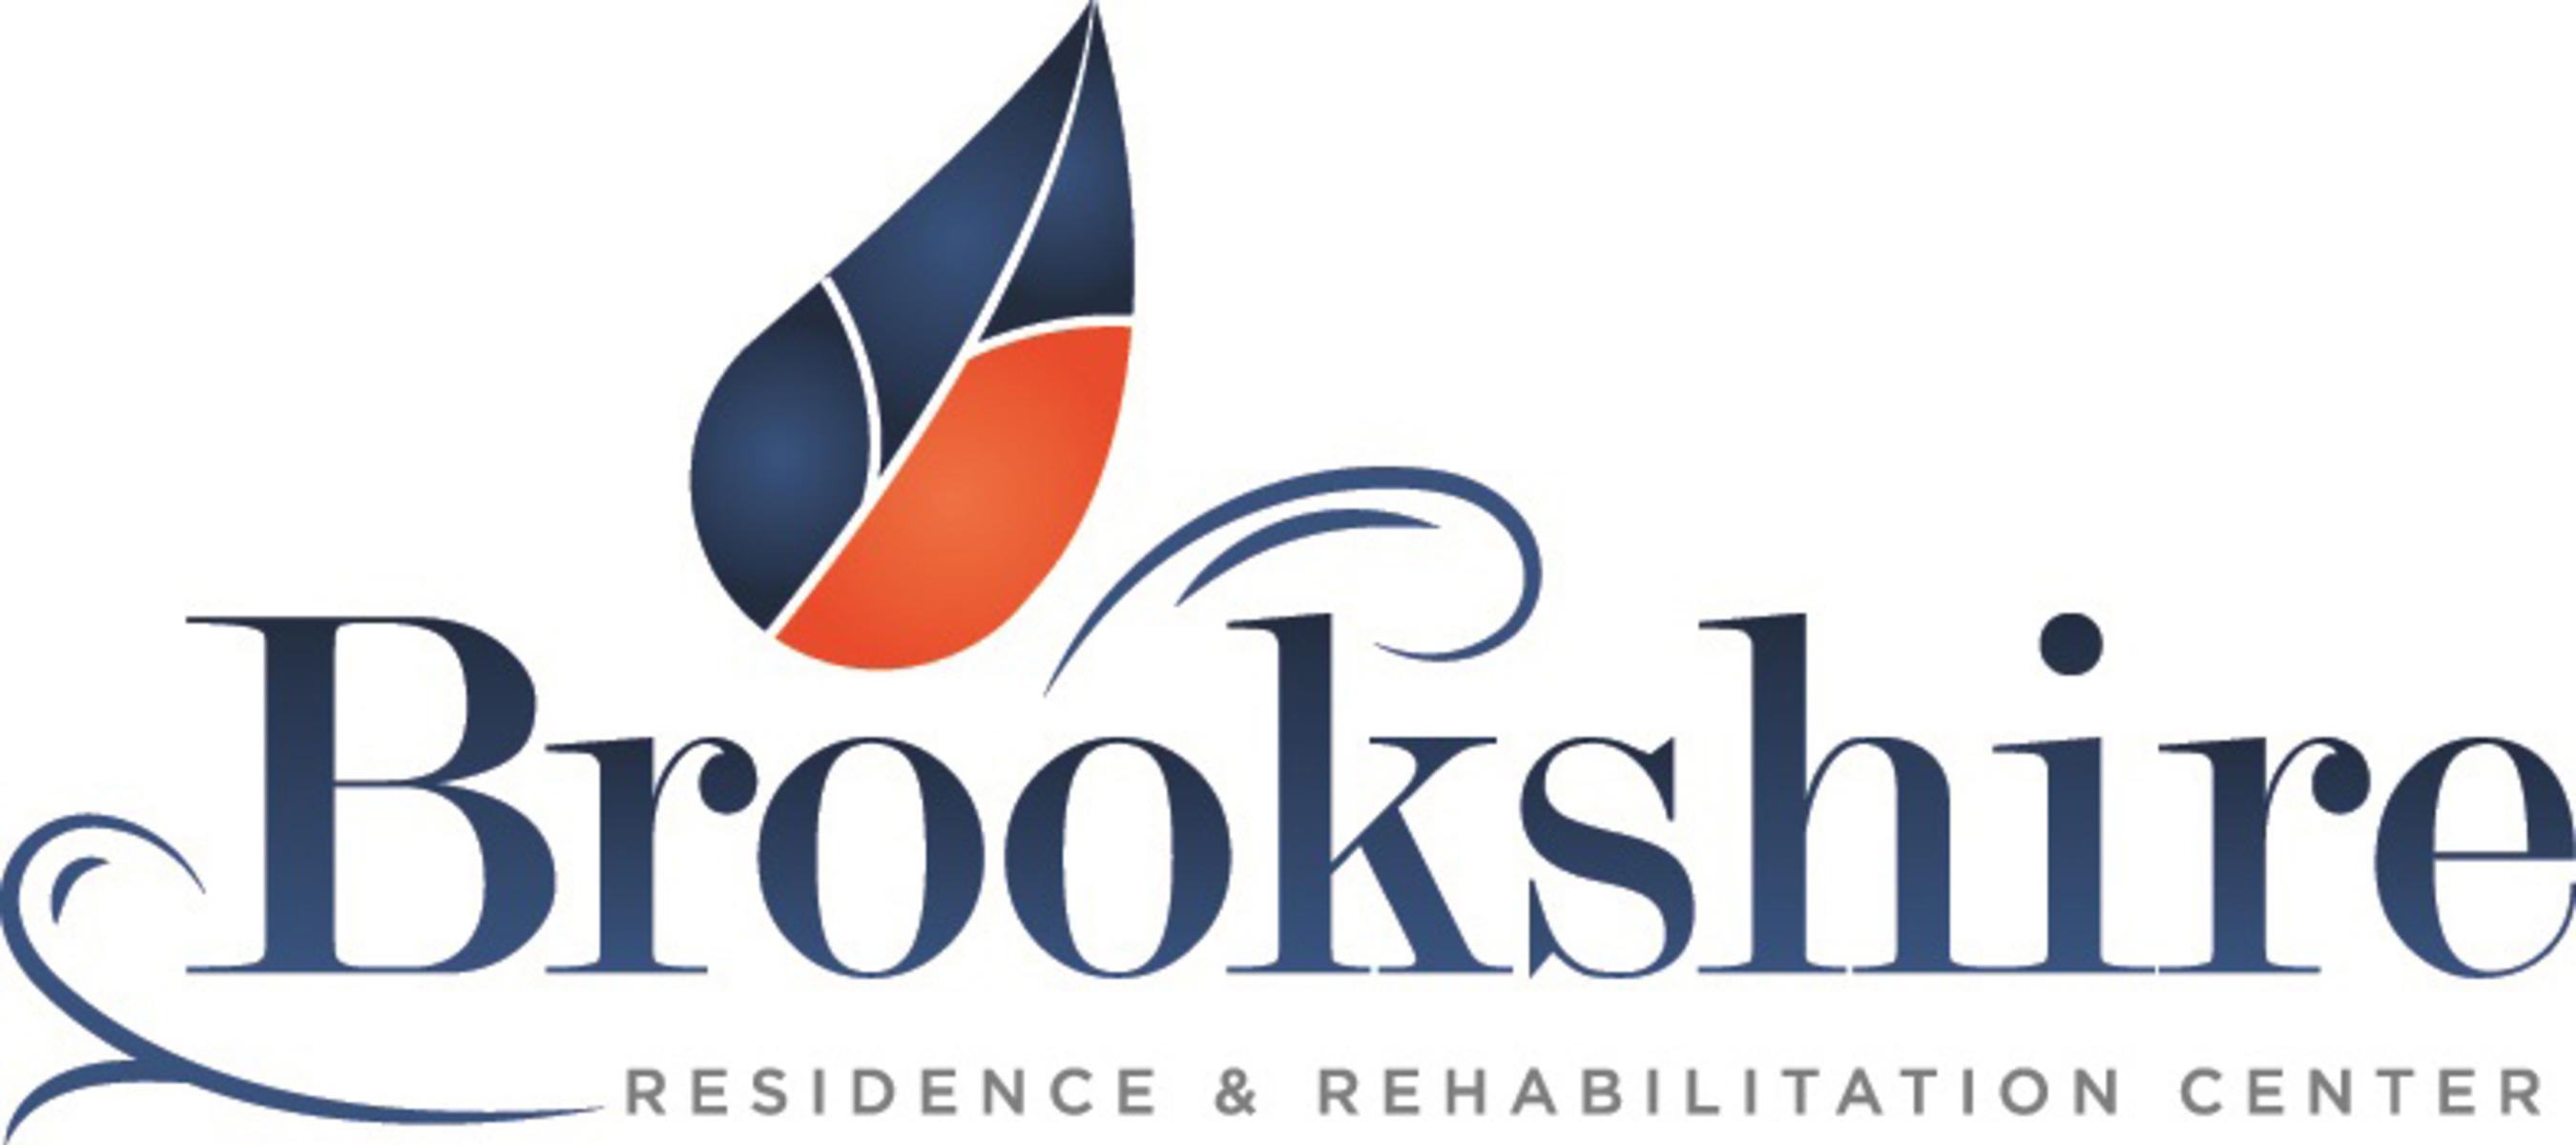 Brookshire Logo. (PRNewsFoto/Brookshire) (PRNewsFoto/BROOKSHIRE)